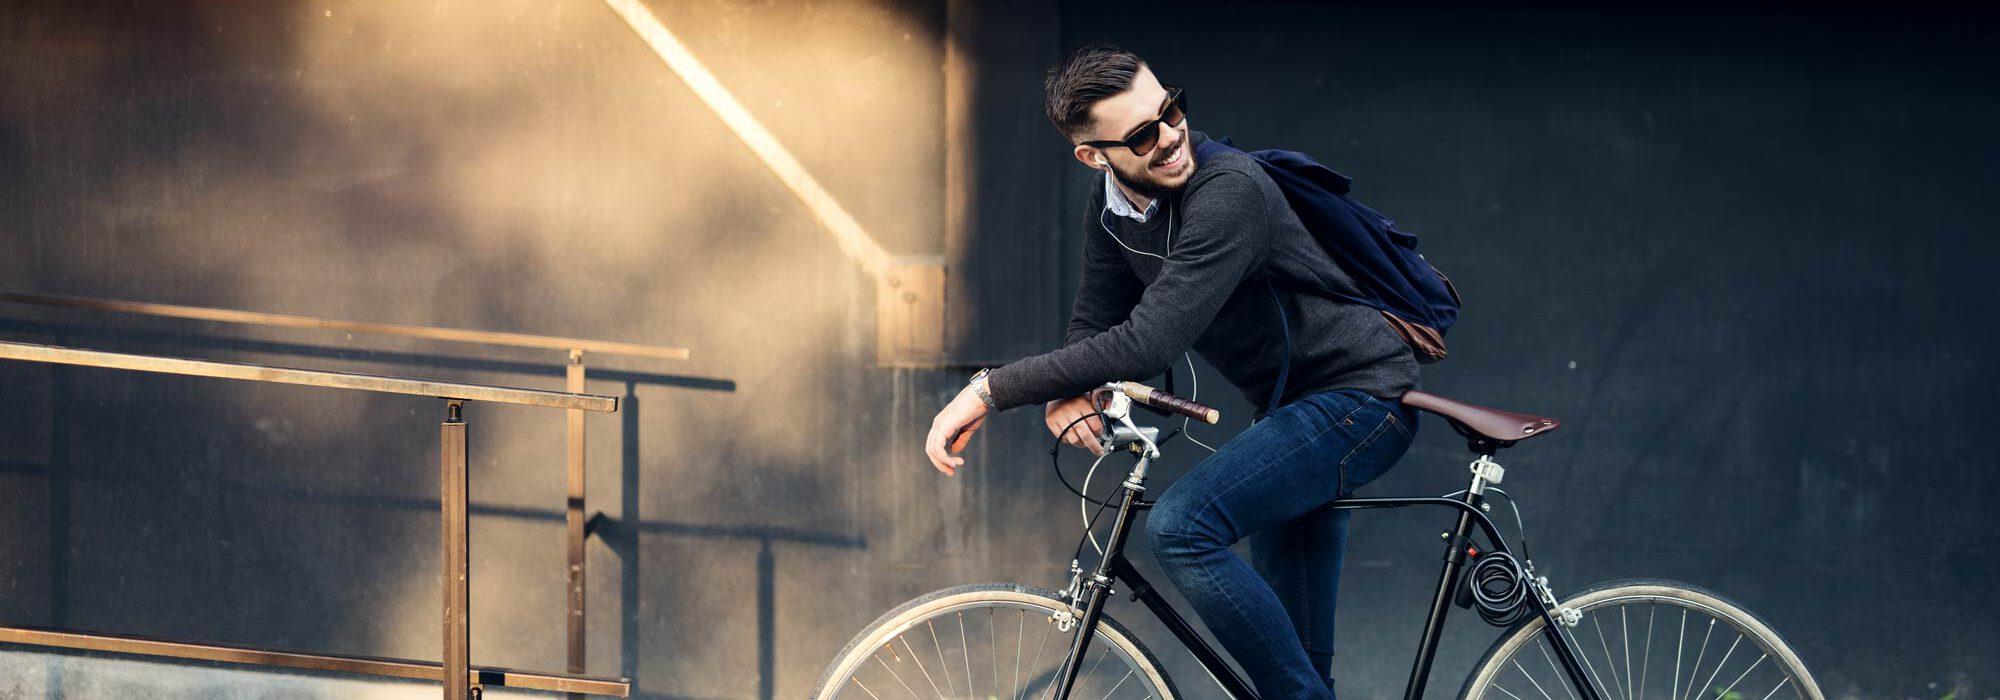 Sonnenbrillen sind Sportpartner und können mehr als UV-Schutz.